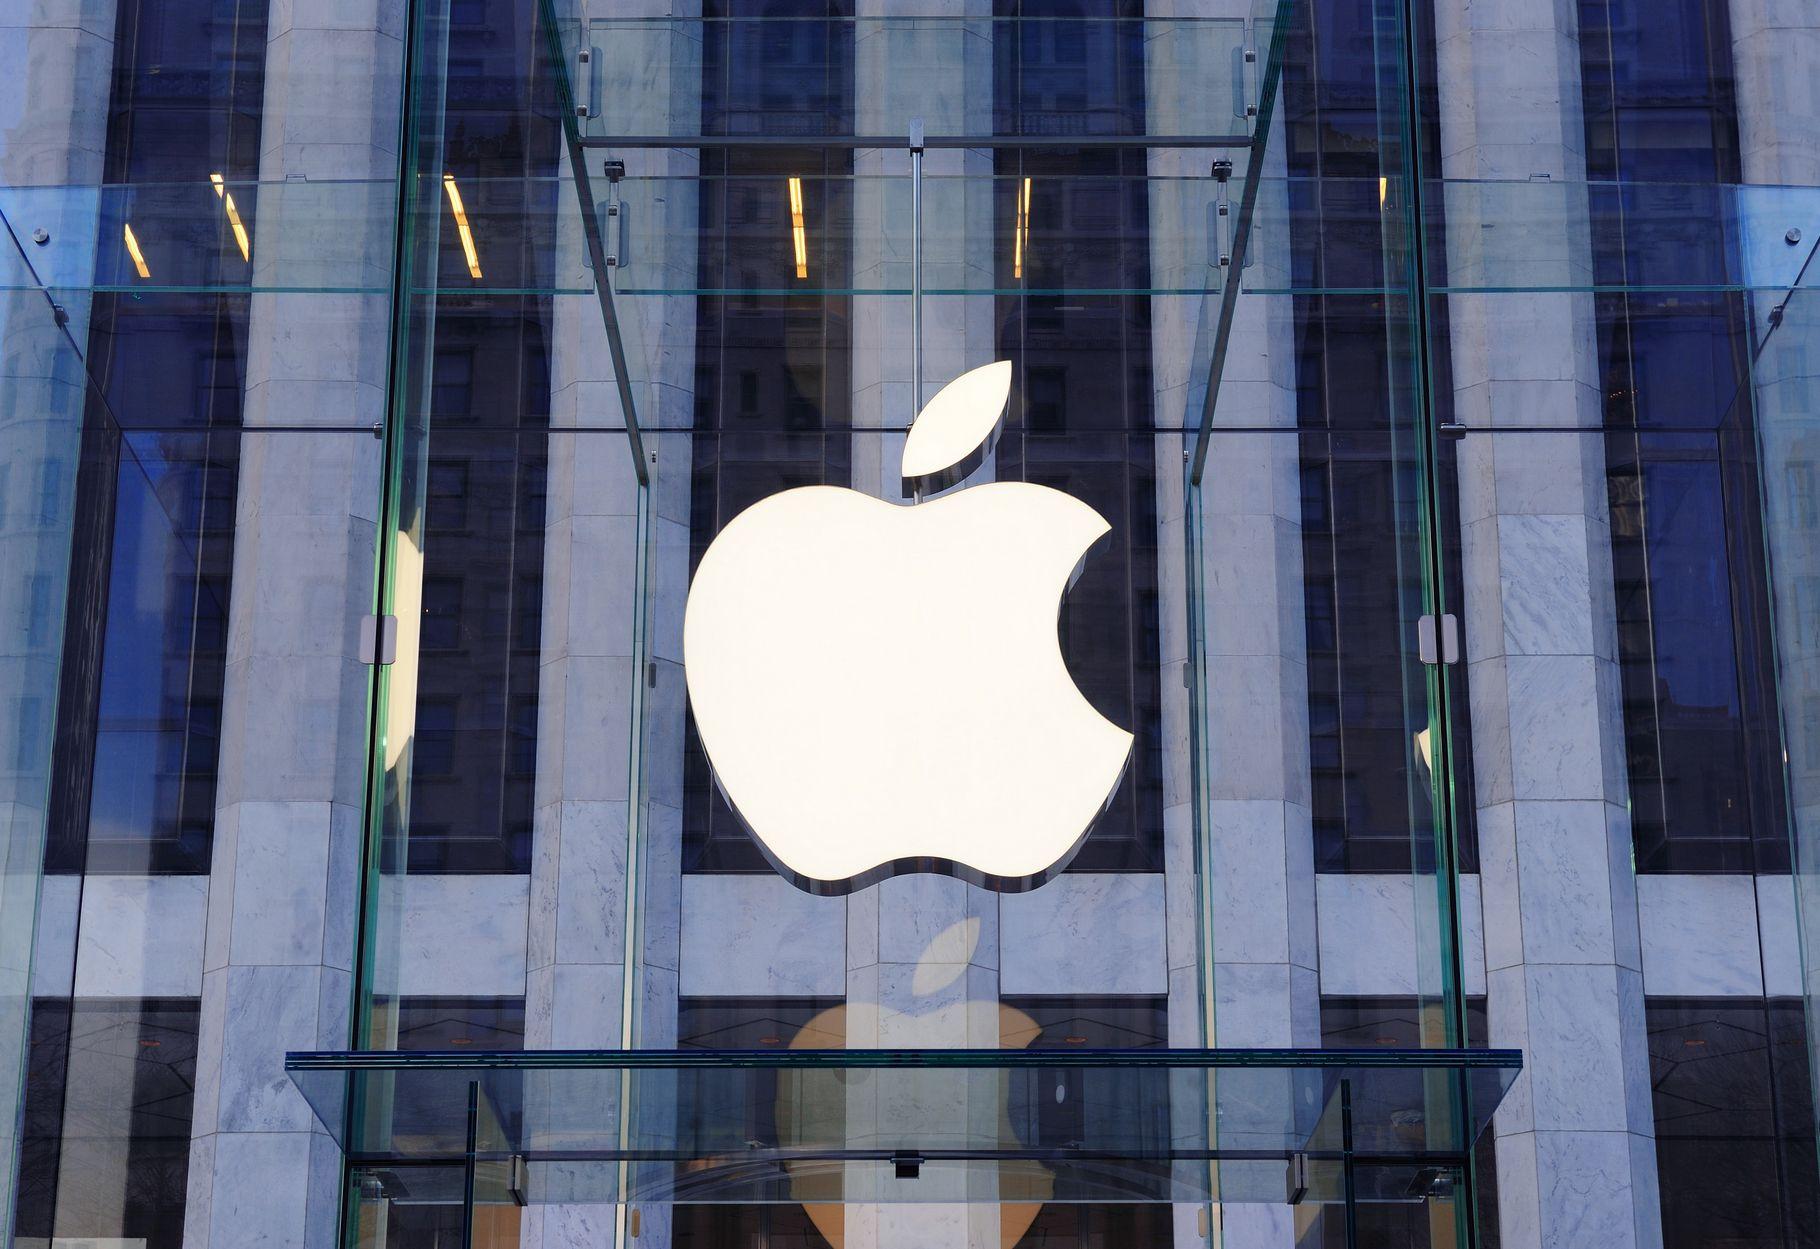 Keynote Apple du 30 octobre : comment suivre l'événement en direct ?